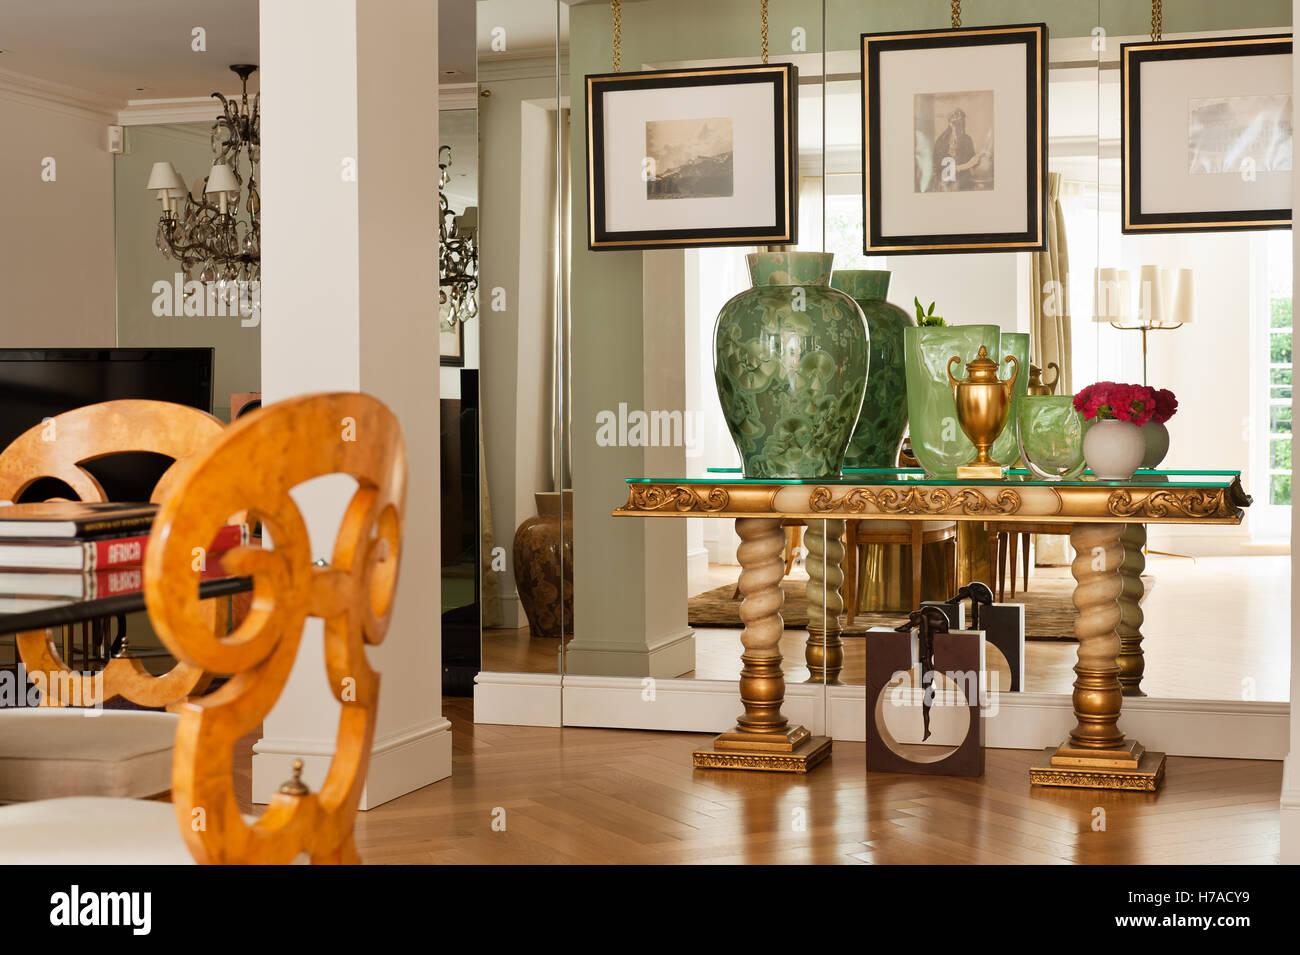 Verrerie vert or métallique sur console à miroir mural dans la salle de séjour avec le pilier en France Accueil Banque D'Images